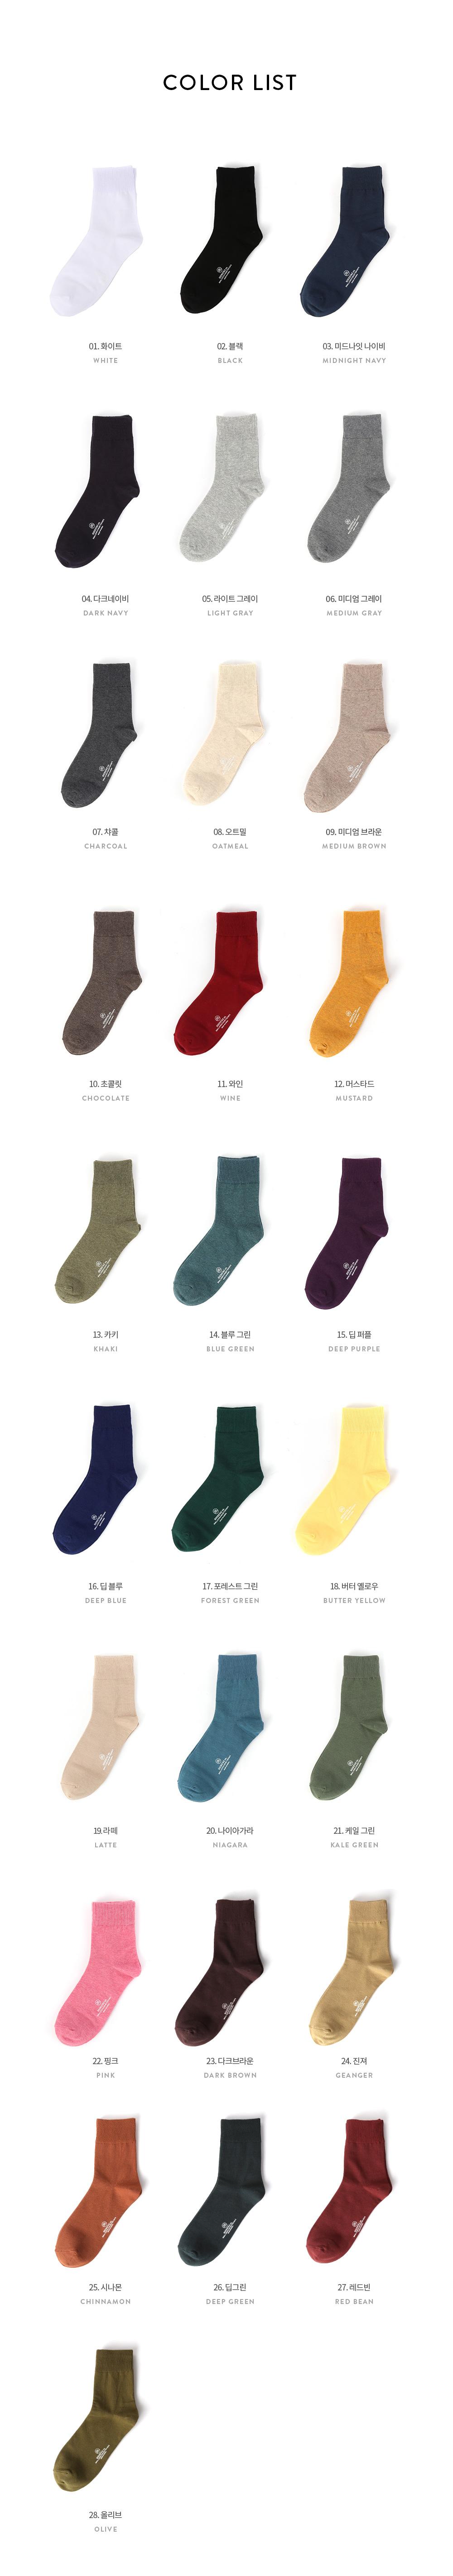 삭스타즈(SOCKSTAZ) [무신사 단독] 남여공용 컬러 앵클 삭스 7 PACK / 28 Colors 선택